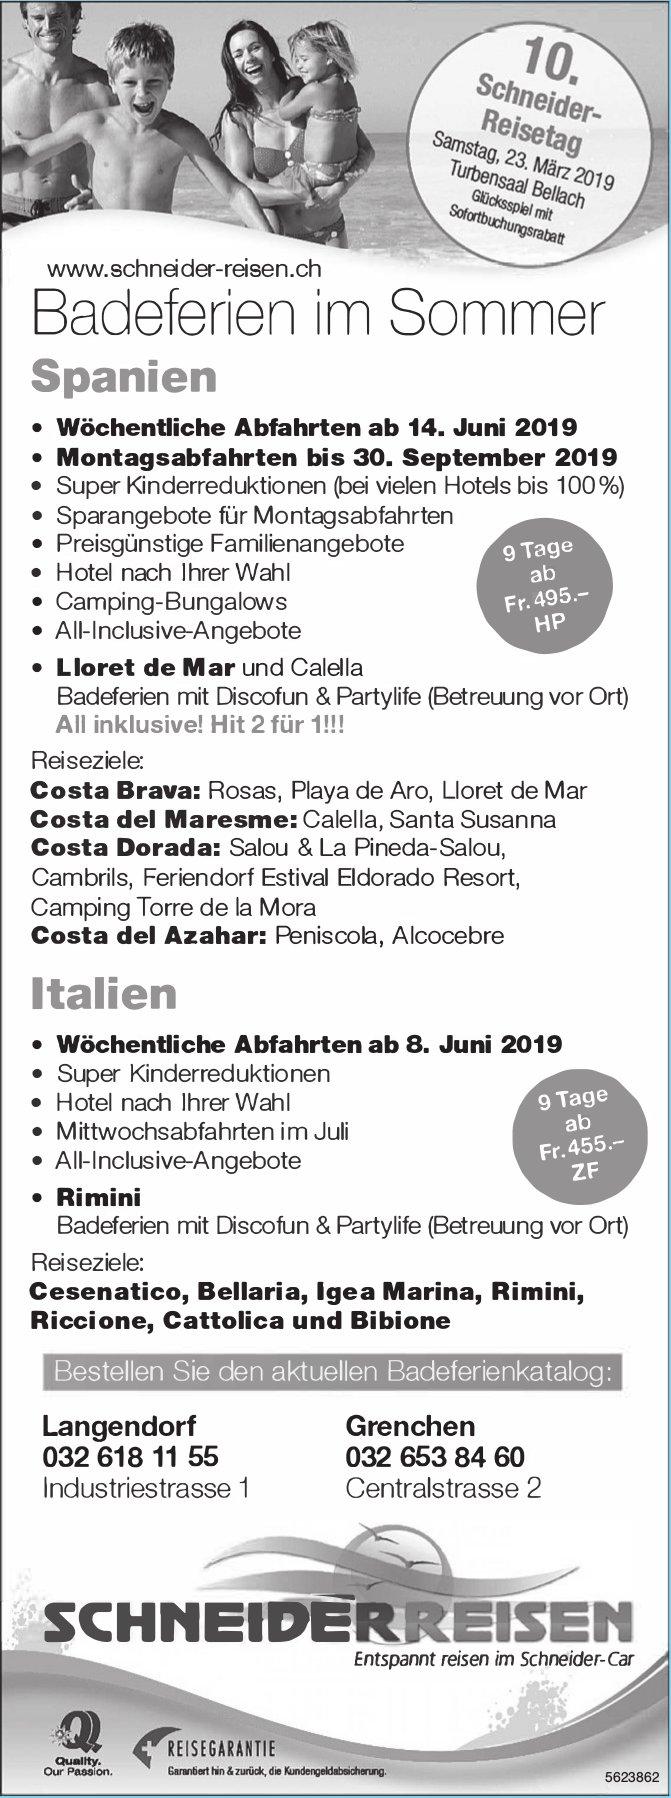 Schneider Reisen - Badeferien im Sommer